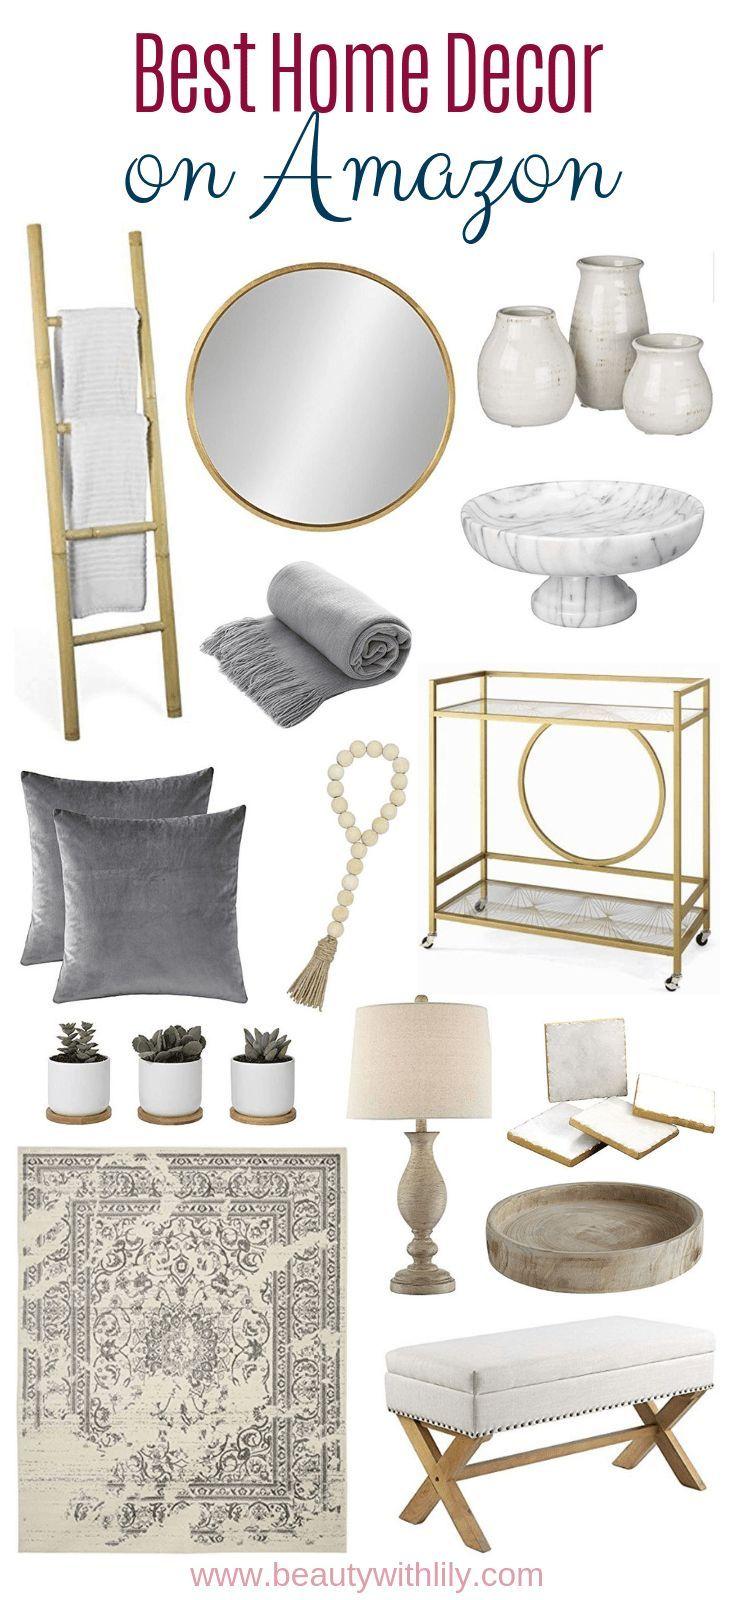 Home Decor Ideas Amazon